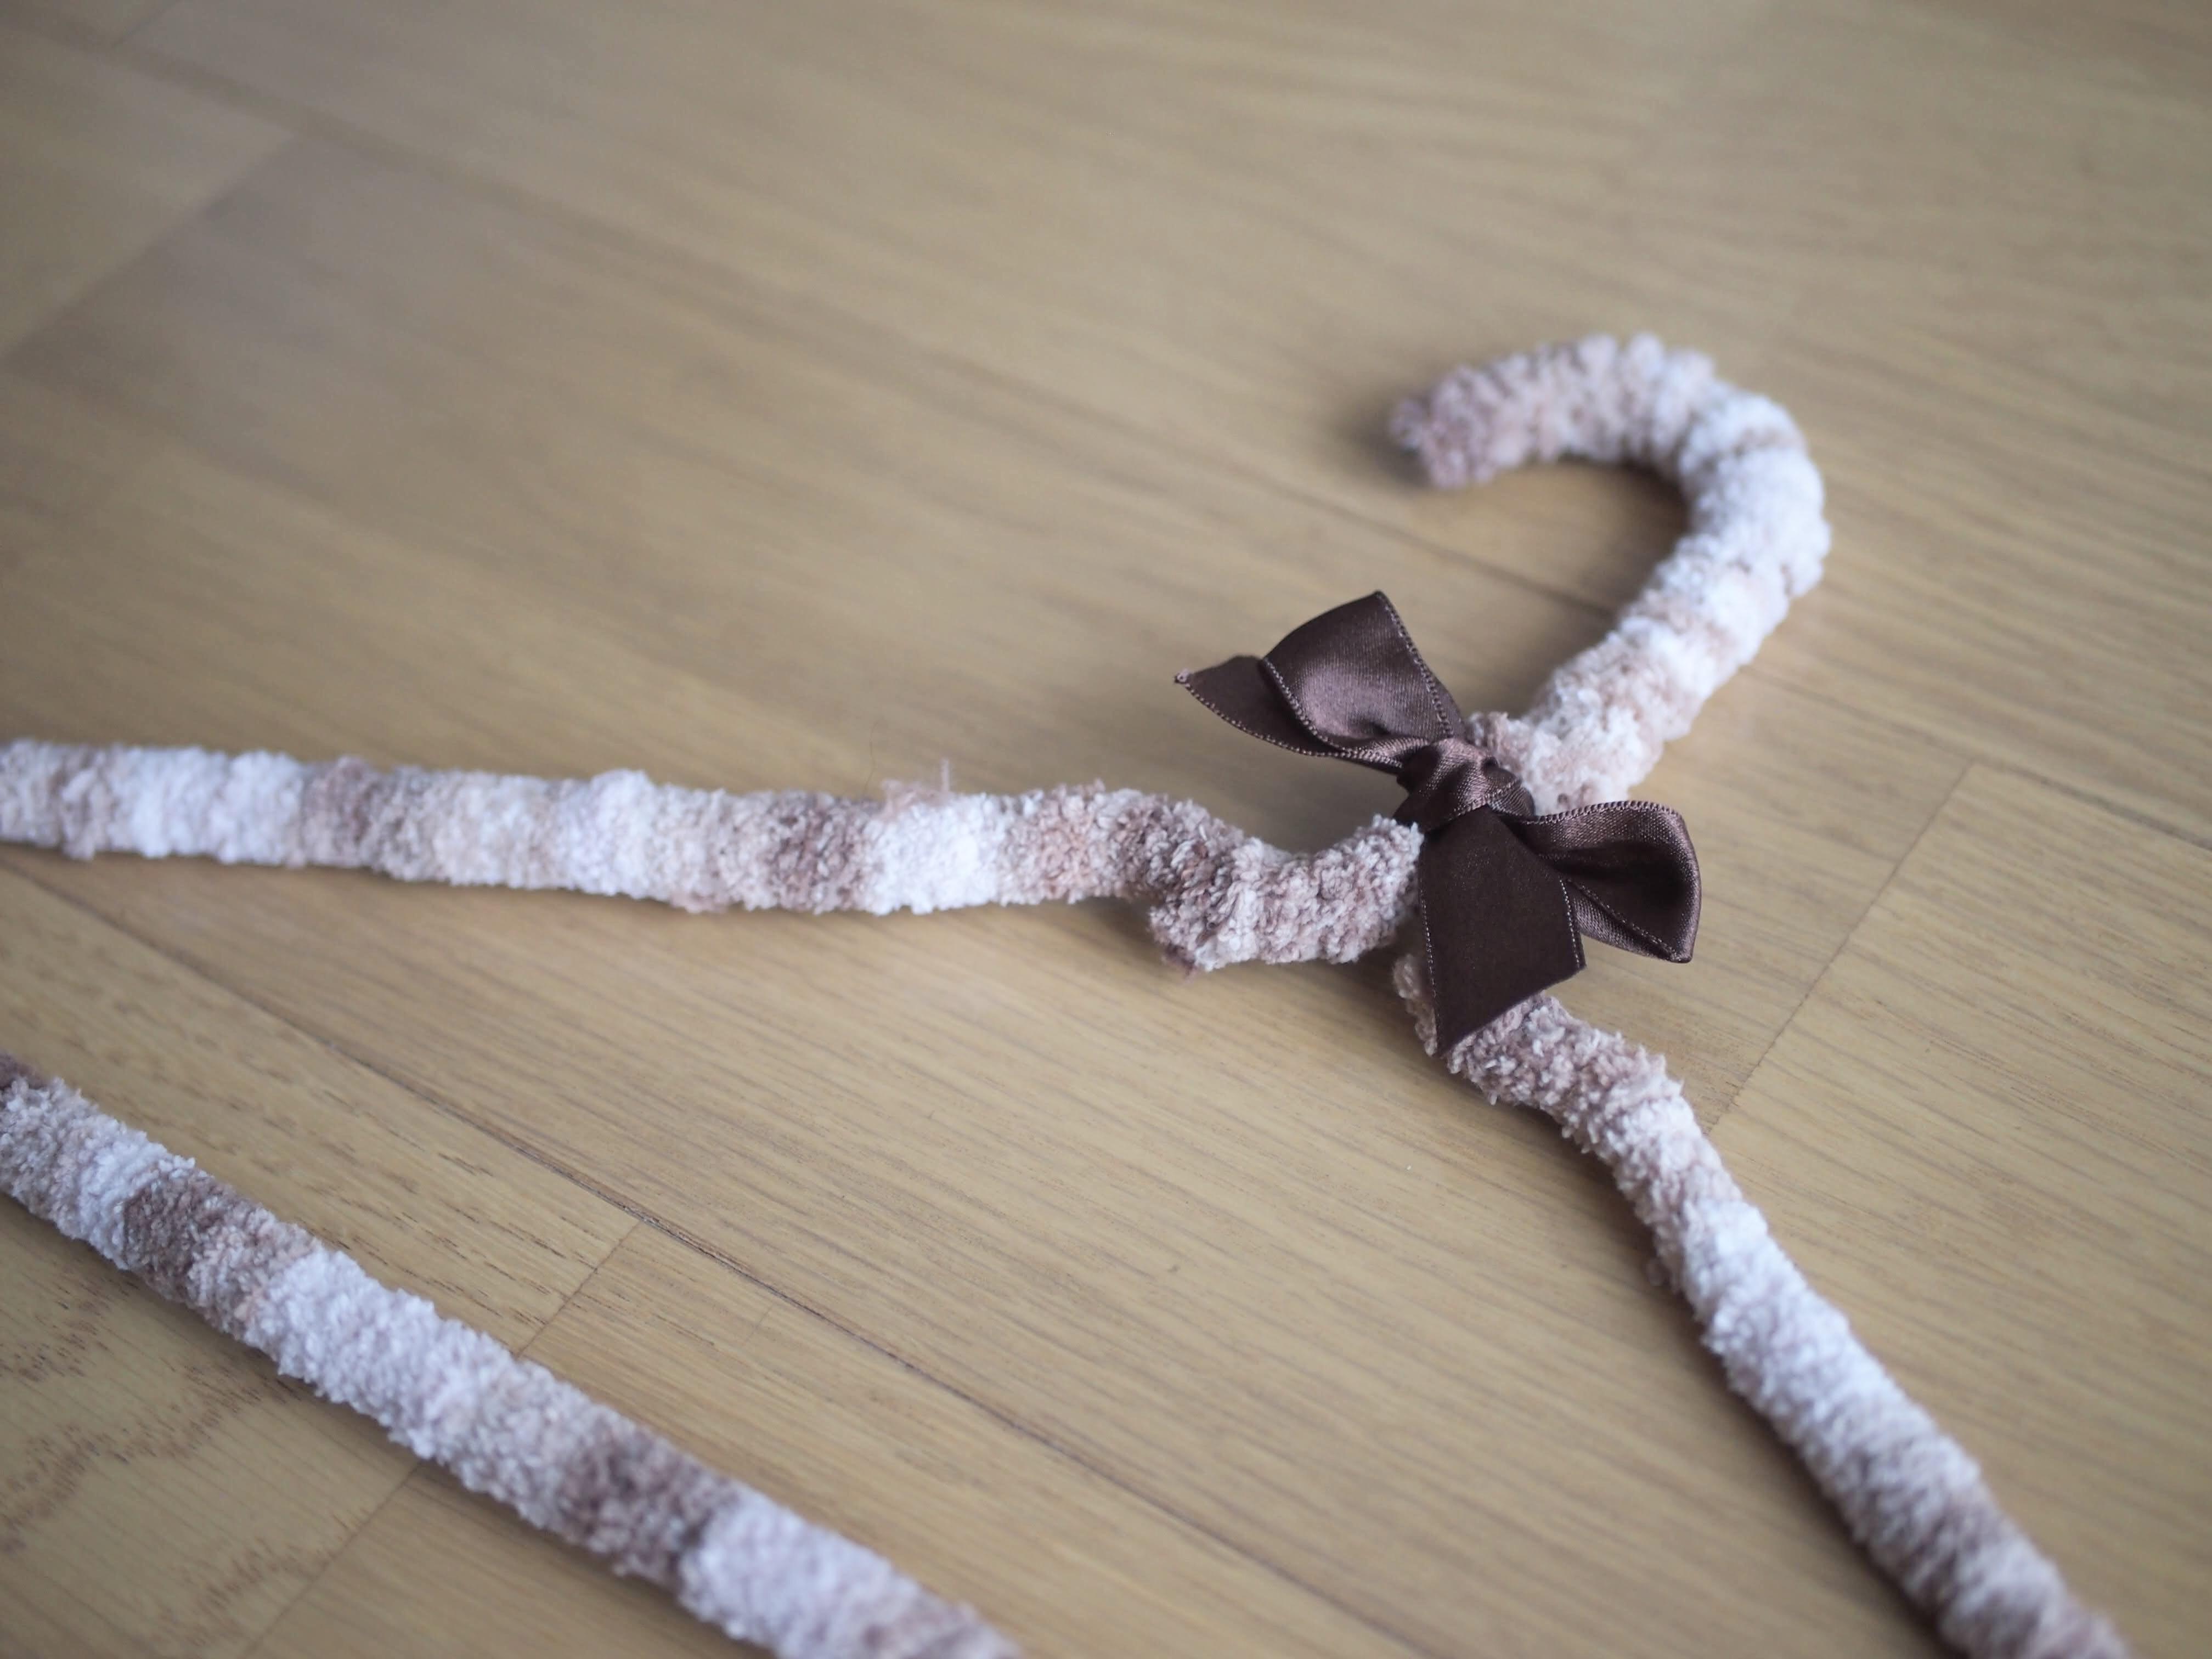 針金ハンガーに巻くだけ簡単リメイク!作り方やアイデア集をご紹介!